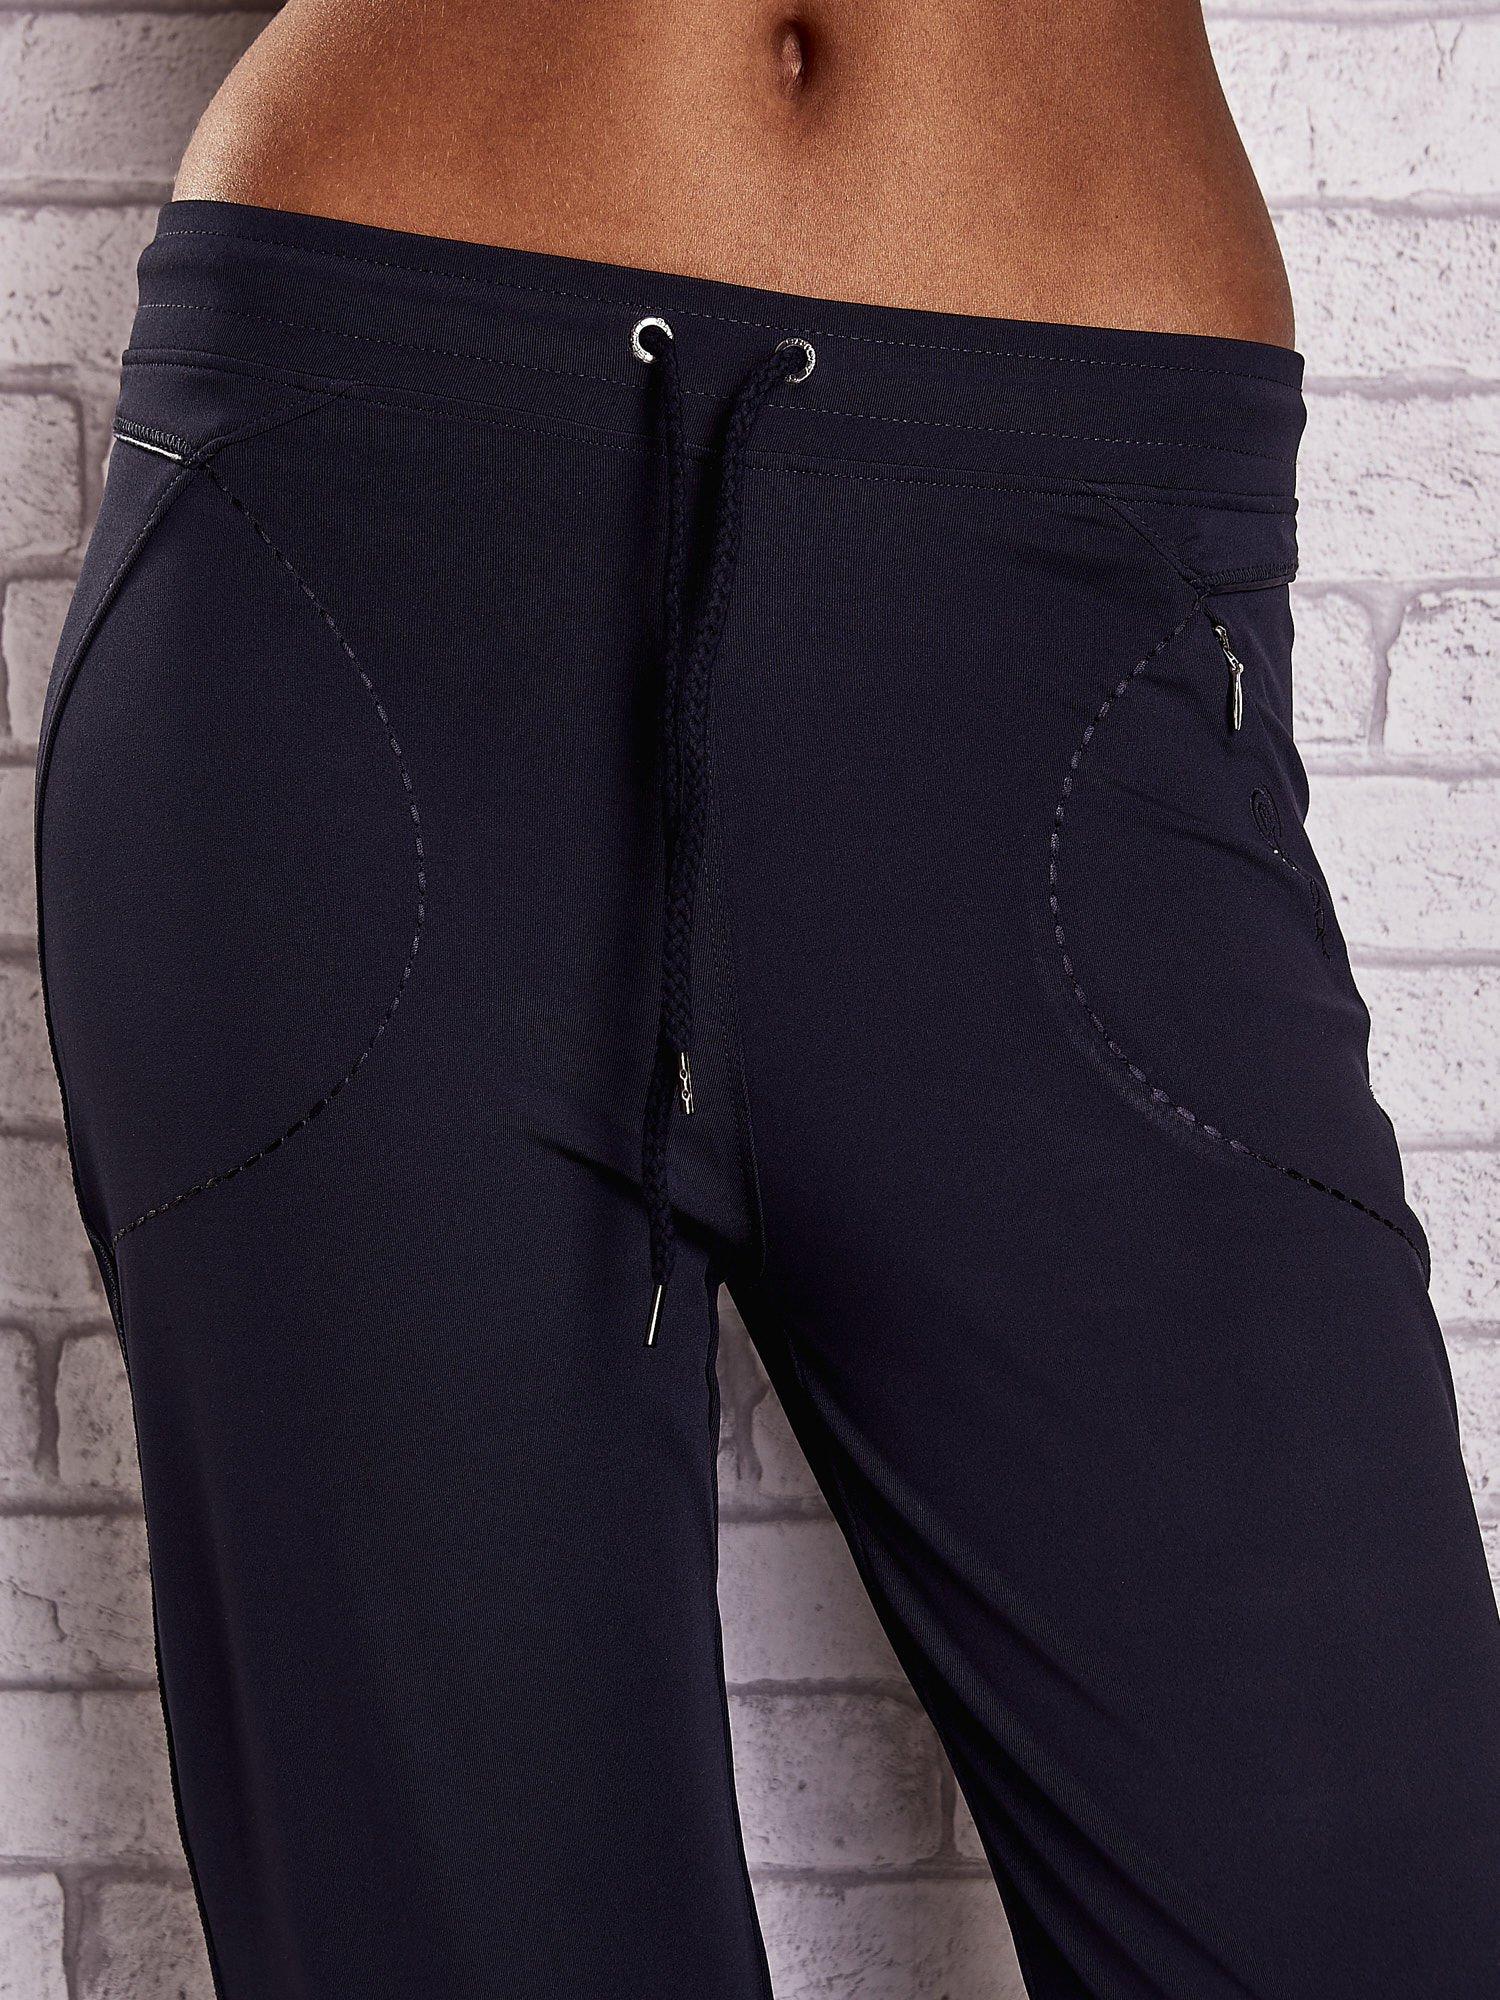 Granatowe spodnie capri z kieszonką i haftem PLUS SIZE                                  zdj.                                  4